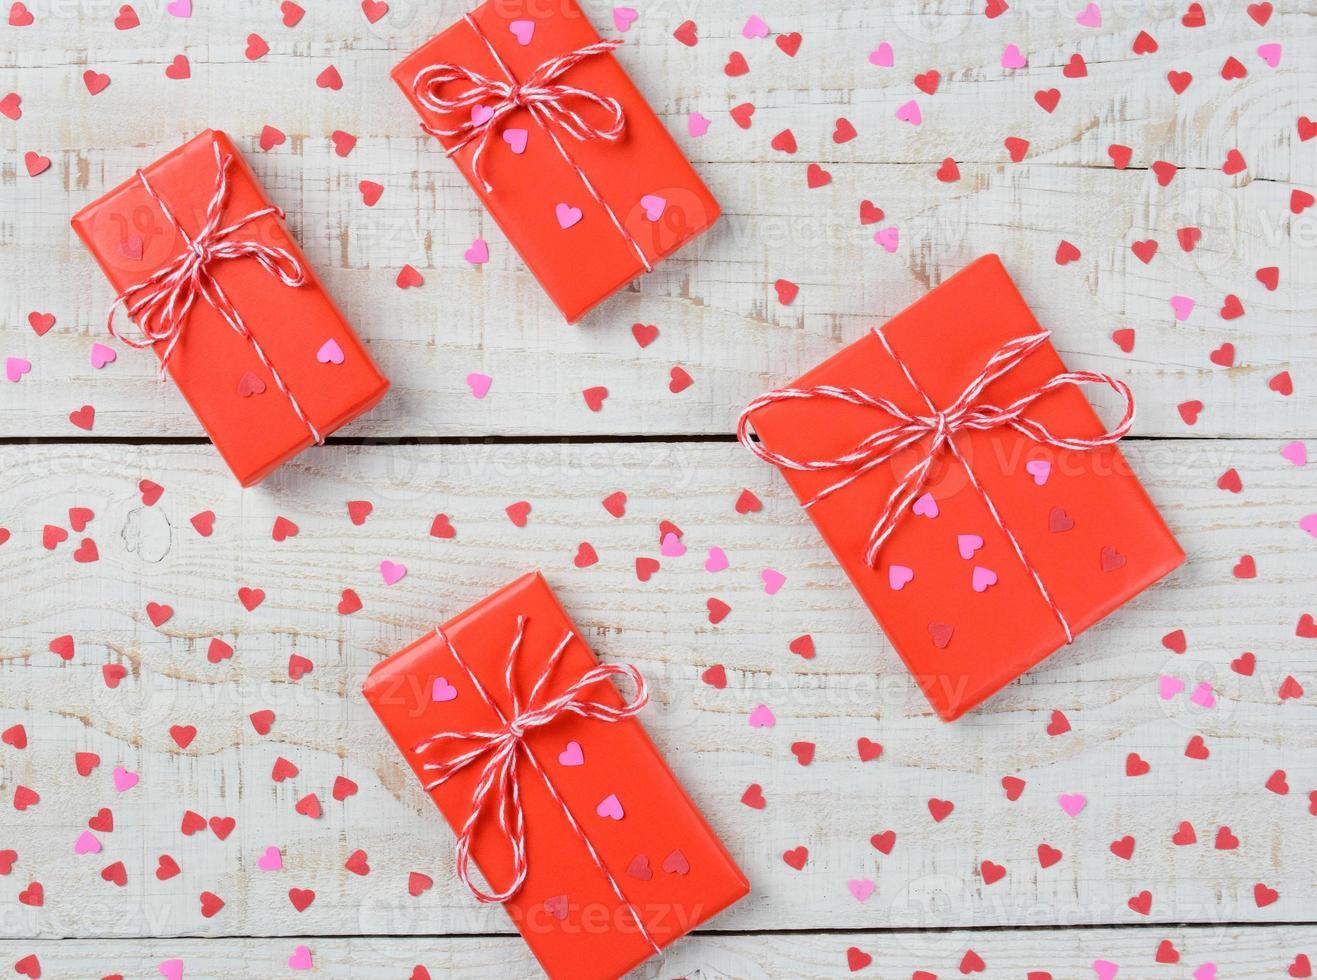 primo piano dei regali e dei cuori dei biglietti di S. Valentino foto